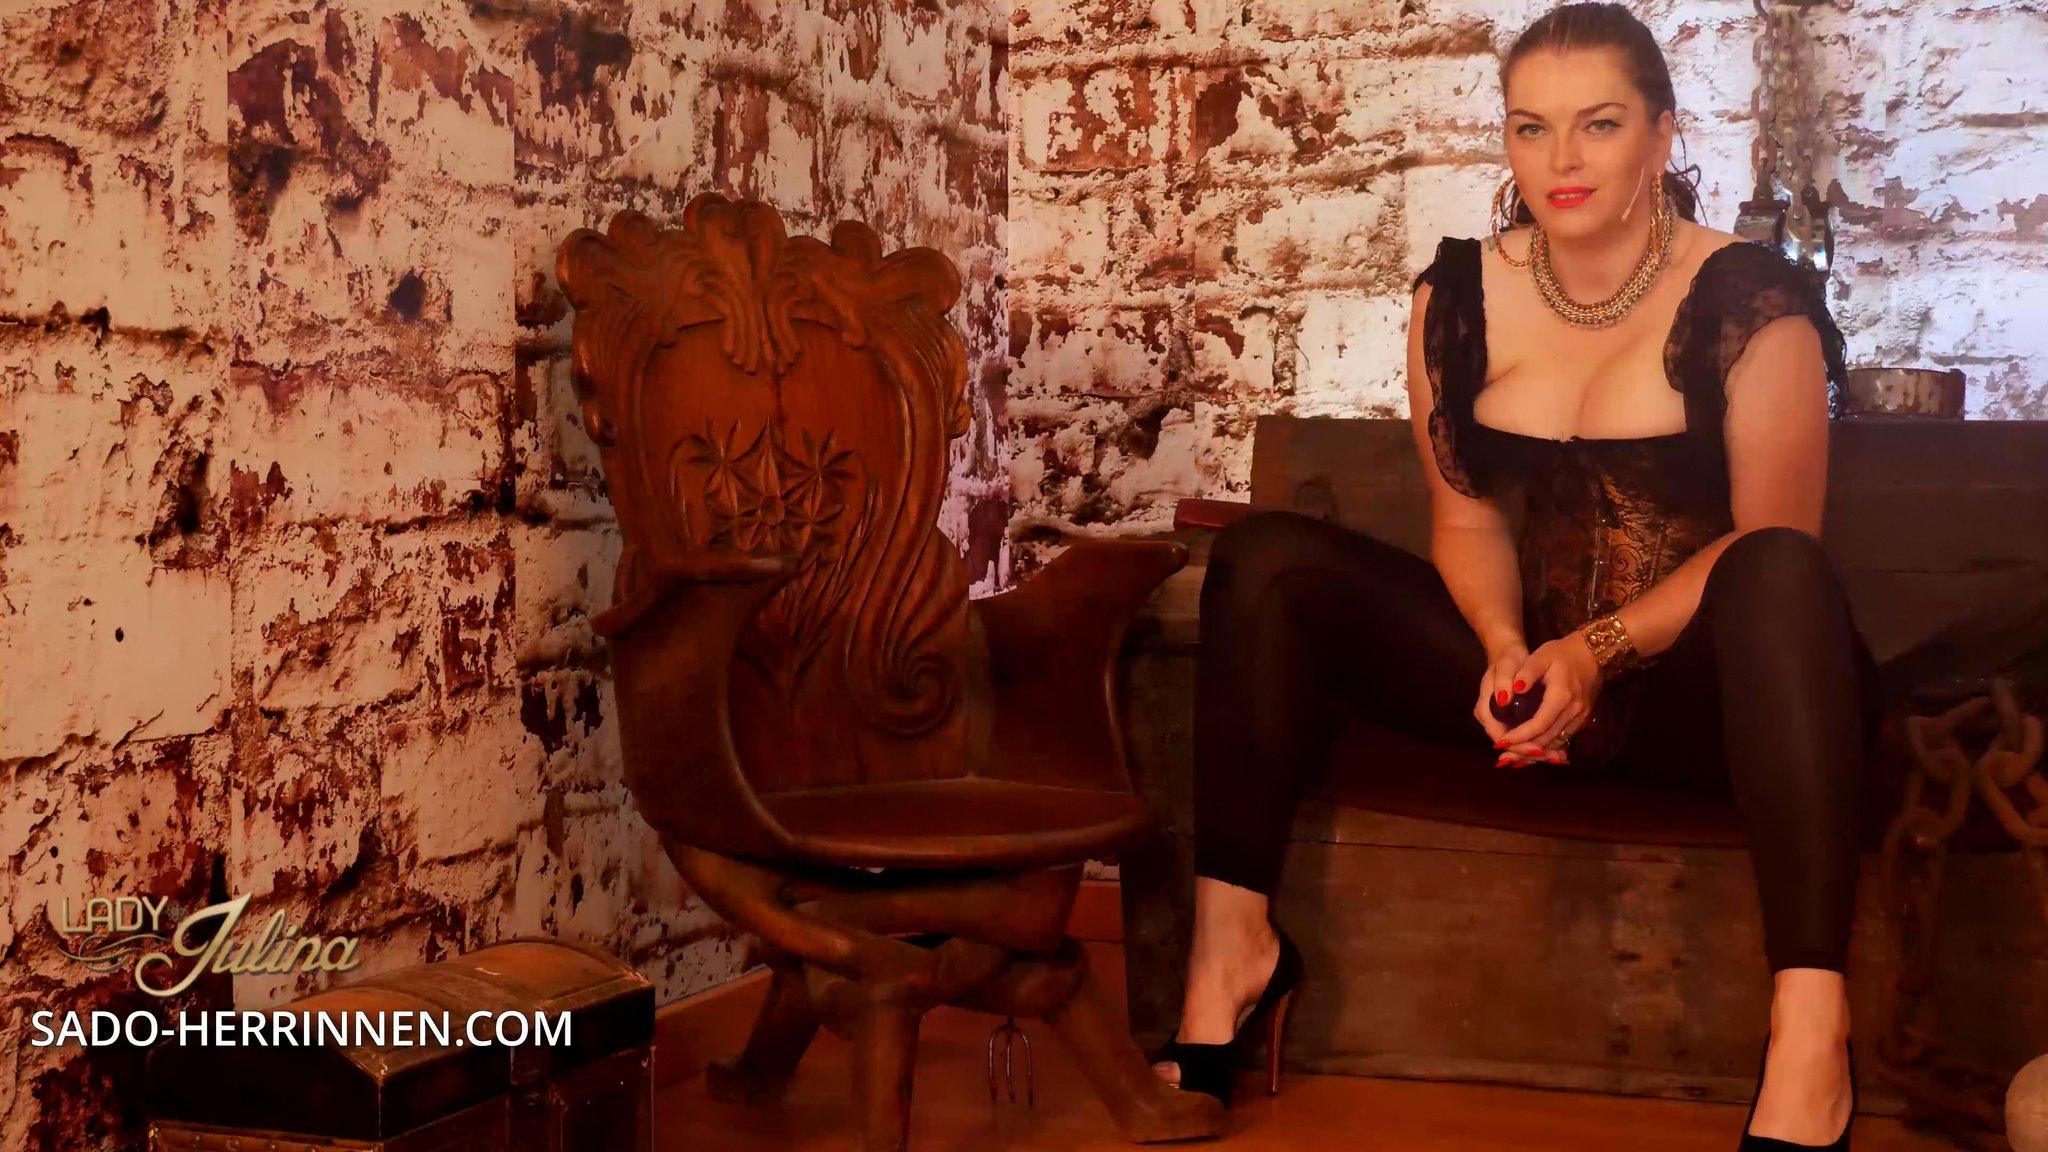 TW Pornstars - Domina Lady Julina. Twitter. Ich hätte